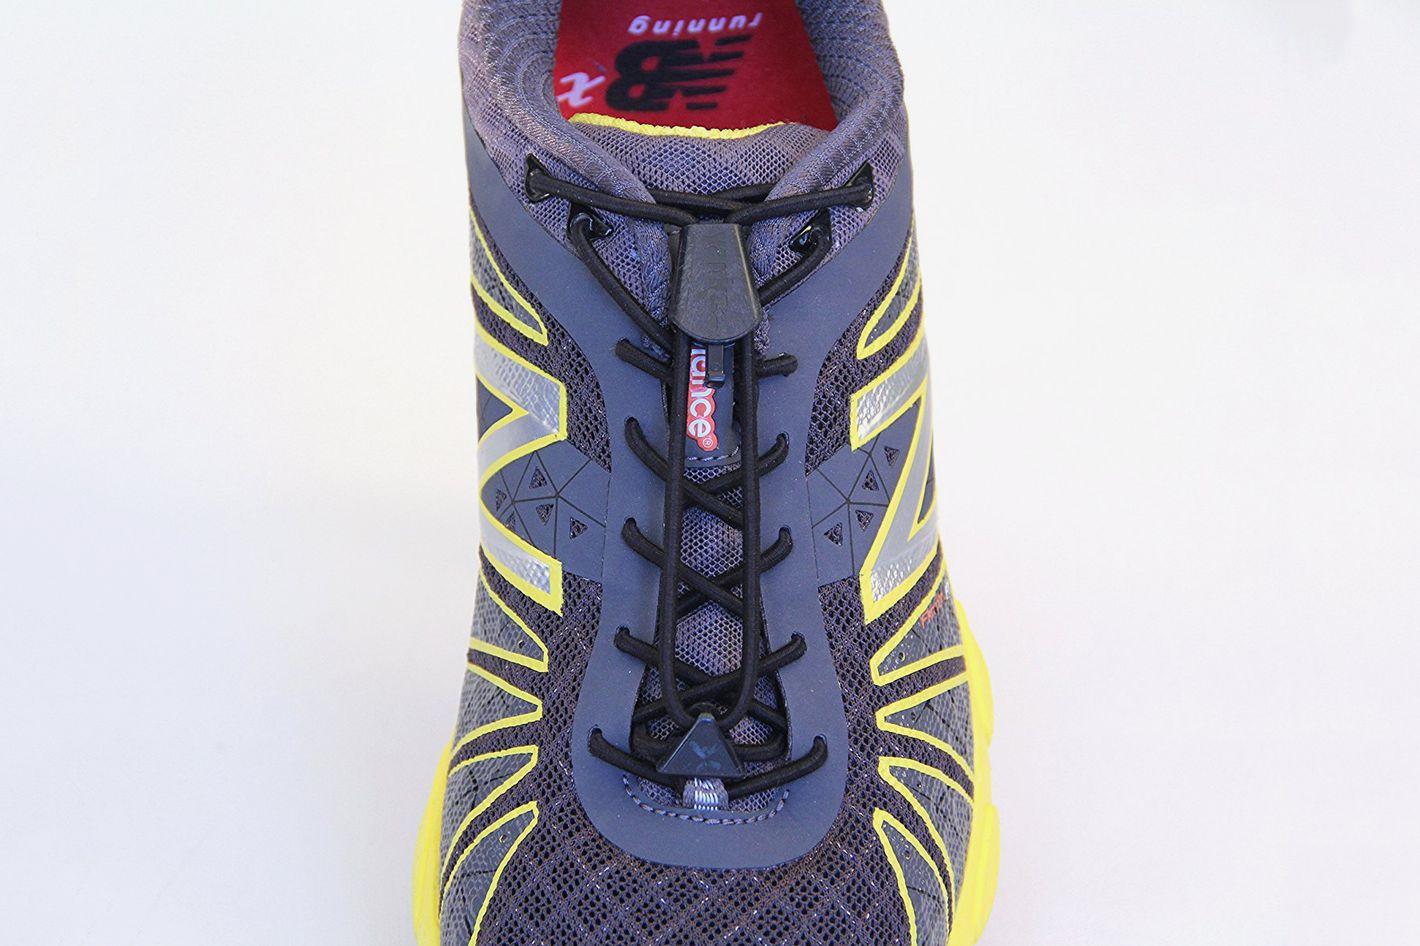 Yankz! SureLace No Tie Elastic Shoelace System